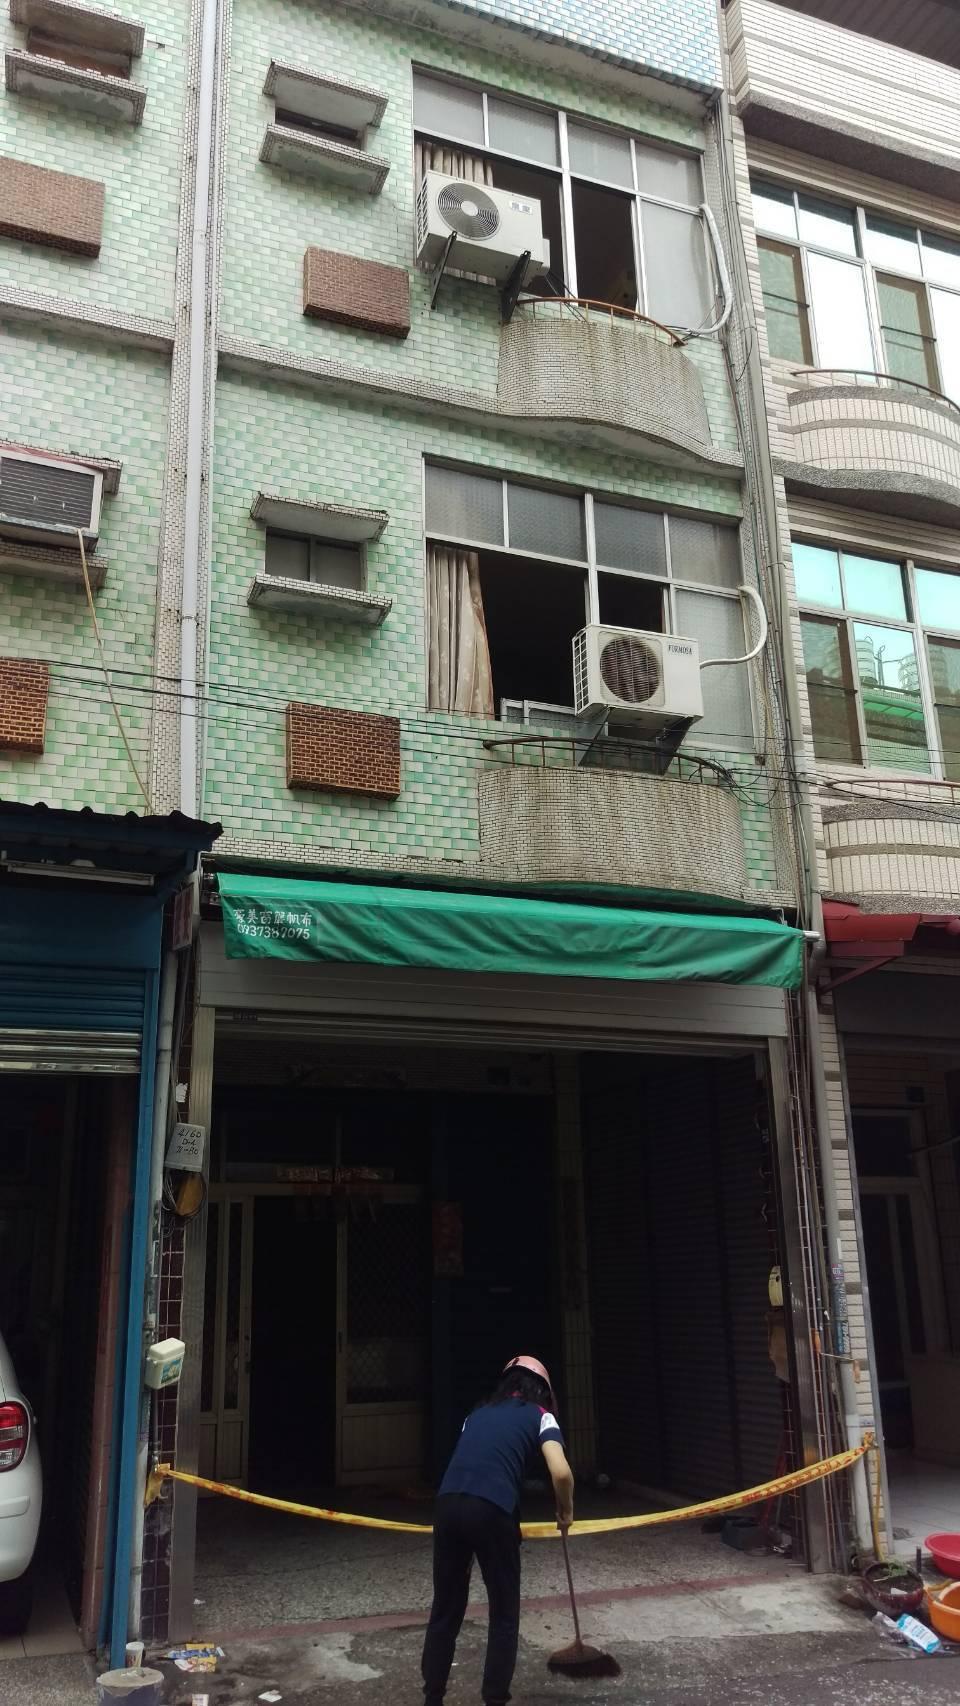 屏東縣潮州鎮北平路,一棟3層樓出租套房,昨日(26日)晚7點半發生火警意外,導致...